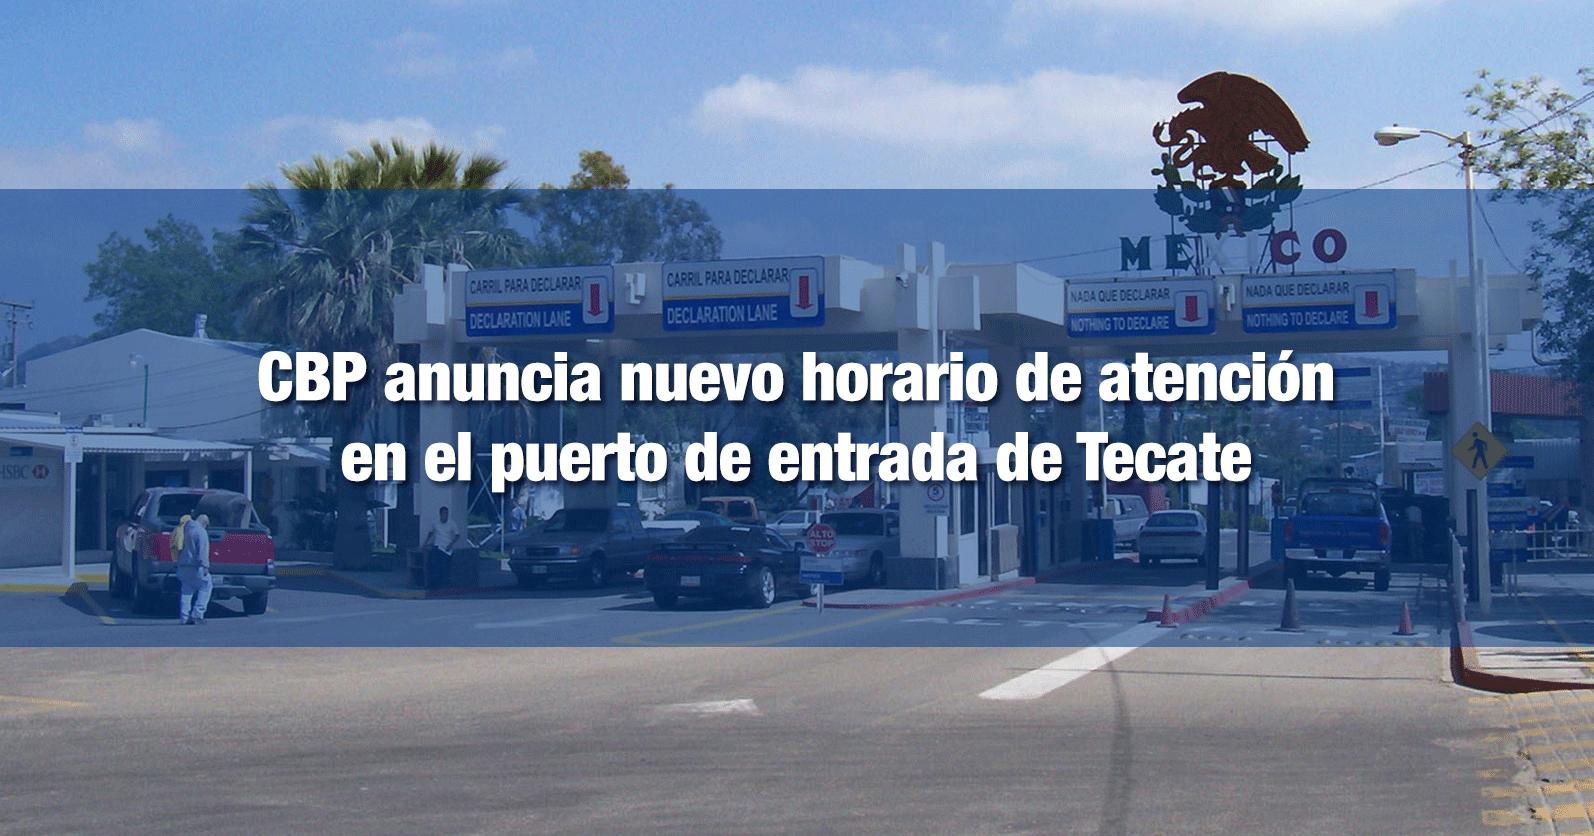 CBP anuncia nuevo horario de atención en el puerto de entrada de Tecate